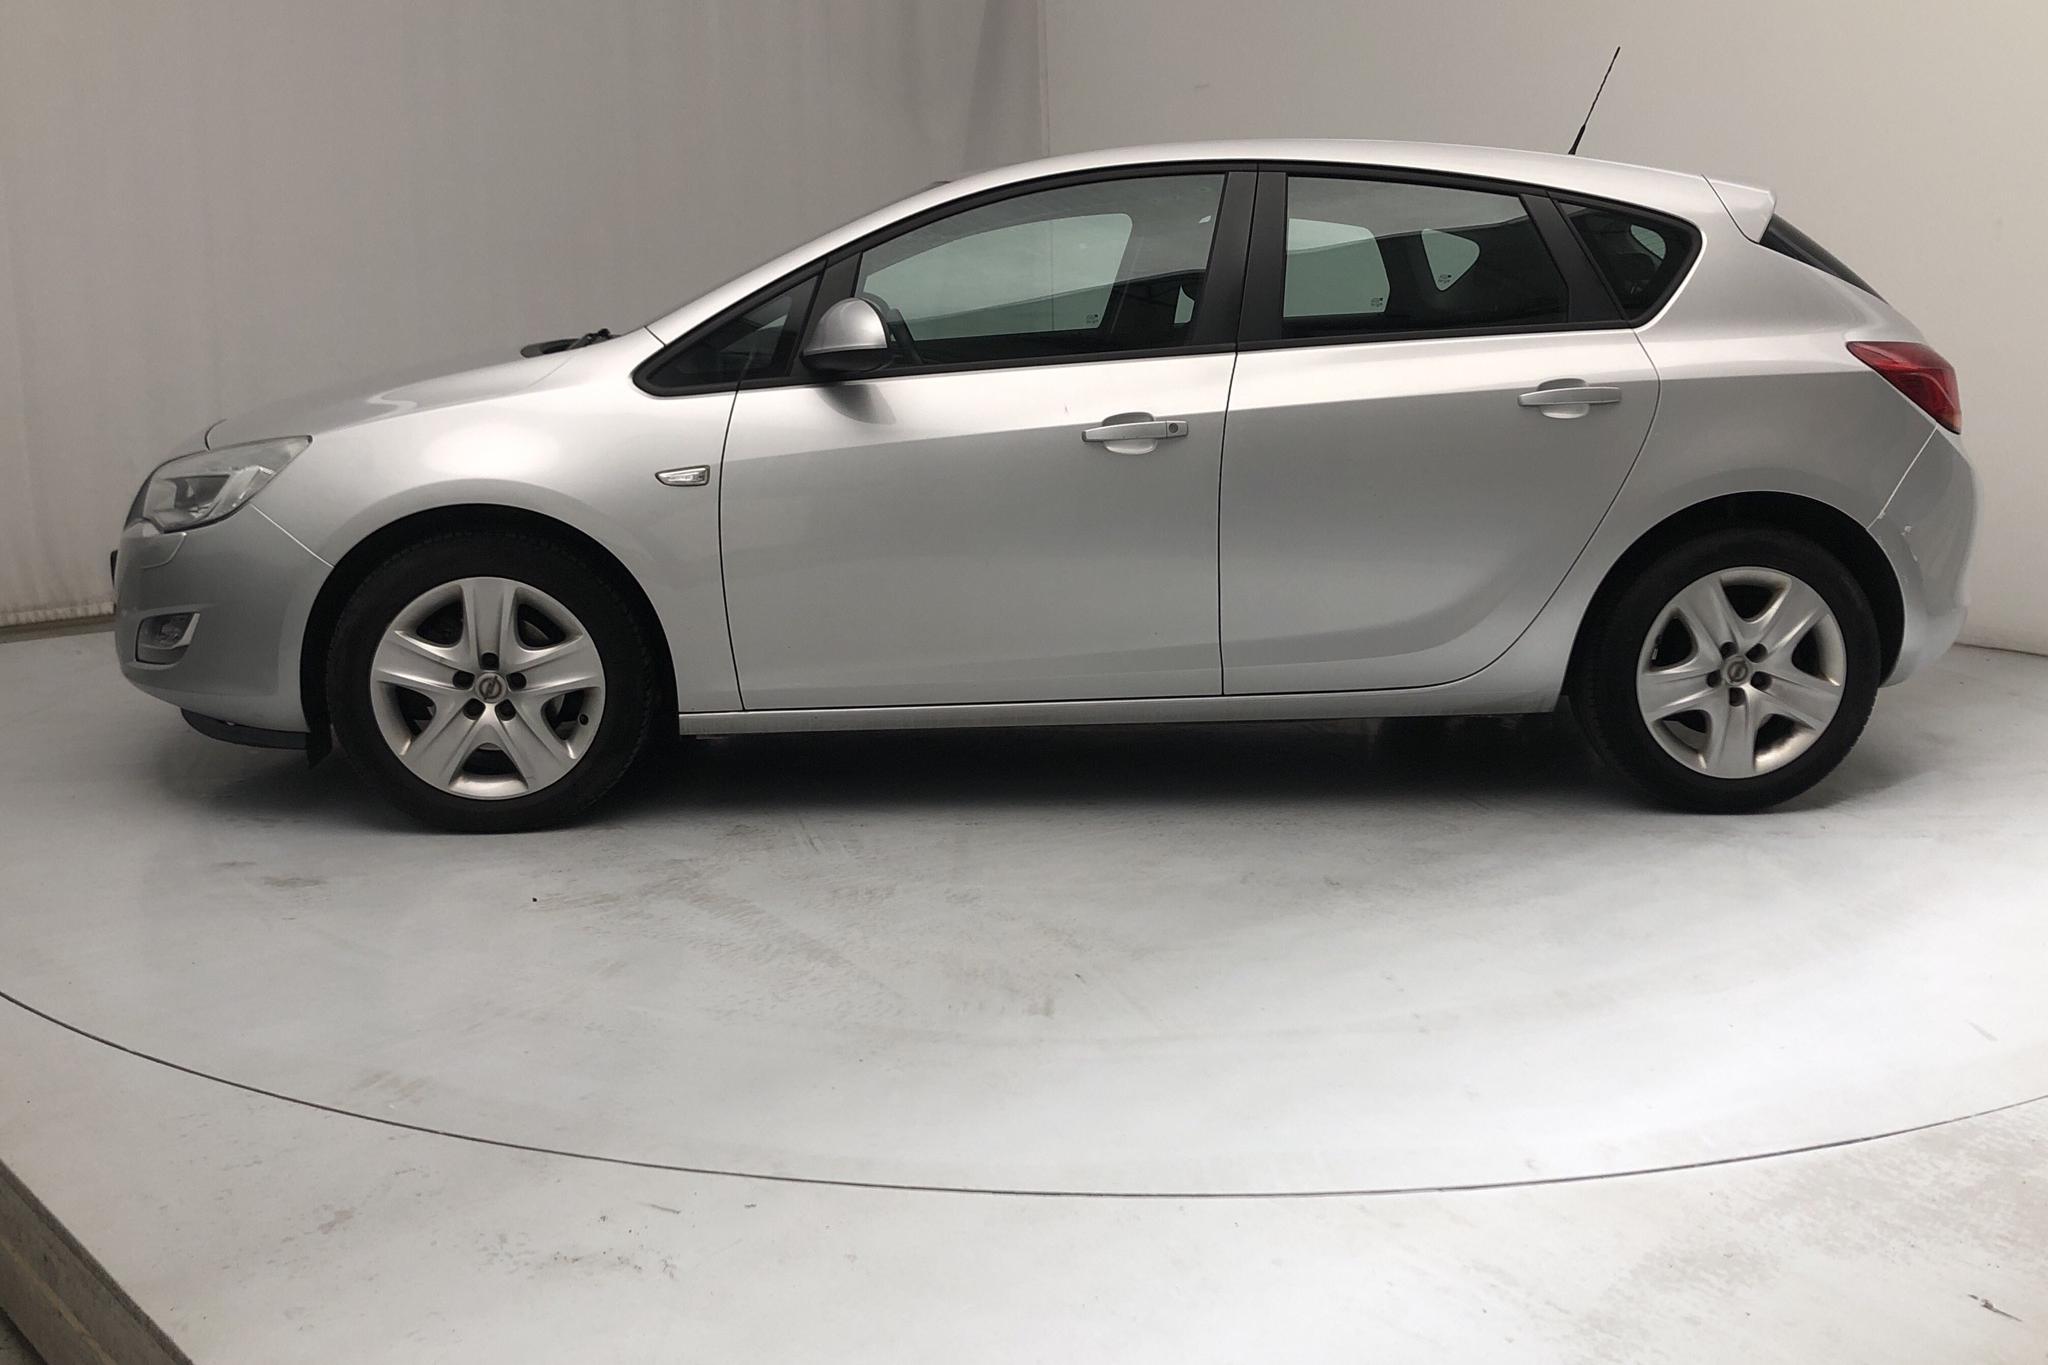 Opel Astra 1.7 CDTI ecoFLEX 5dr (125hk) - 16 229 mil - Manuell - grå - 2011